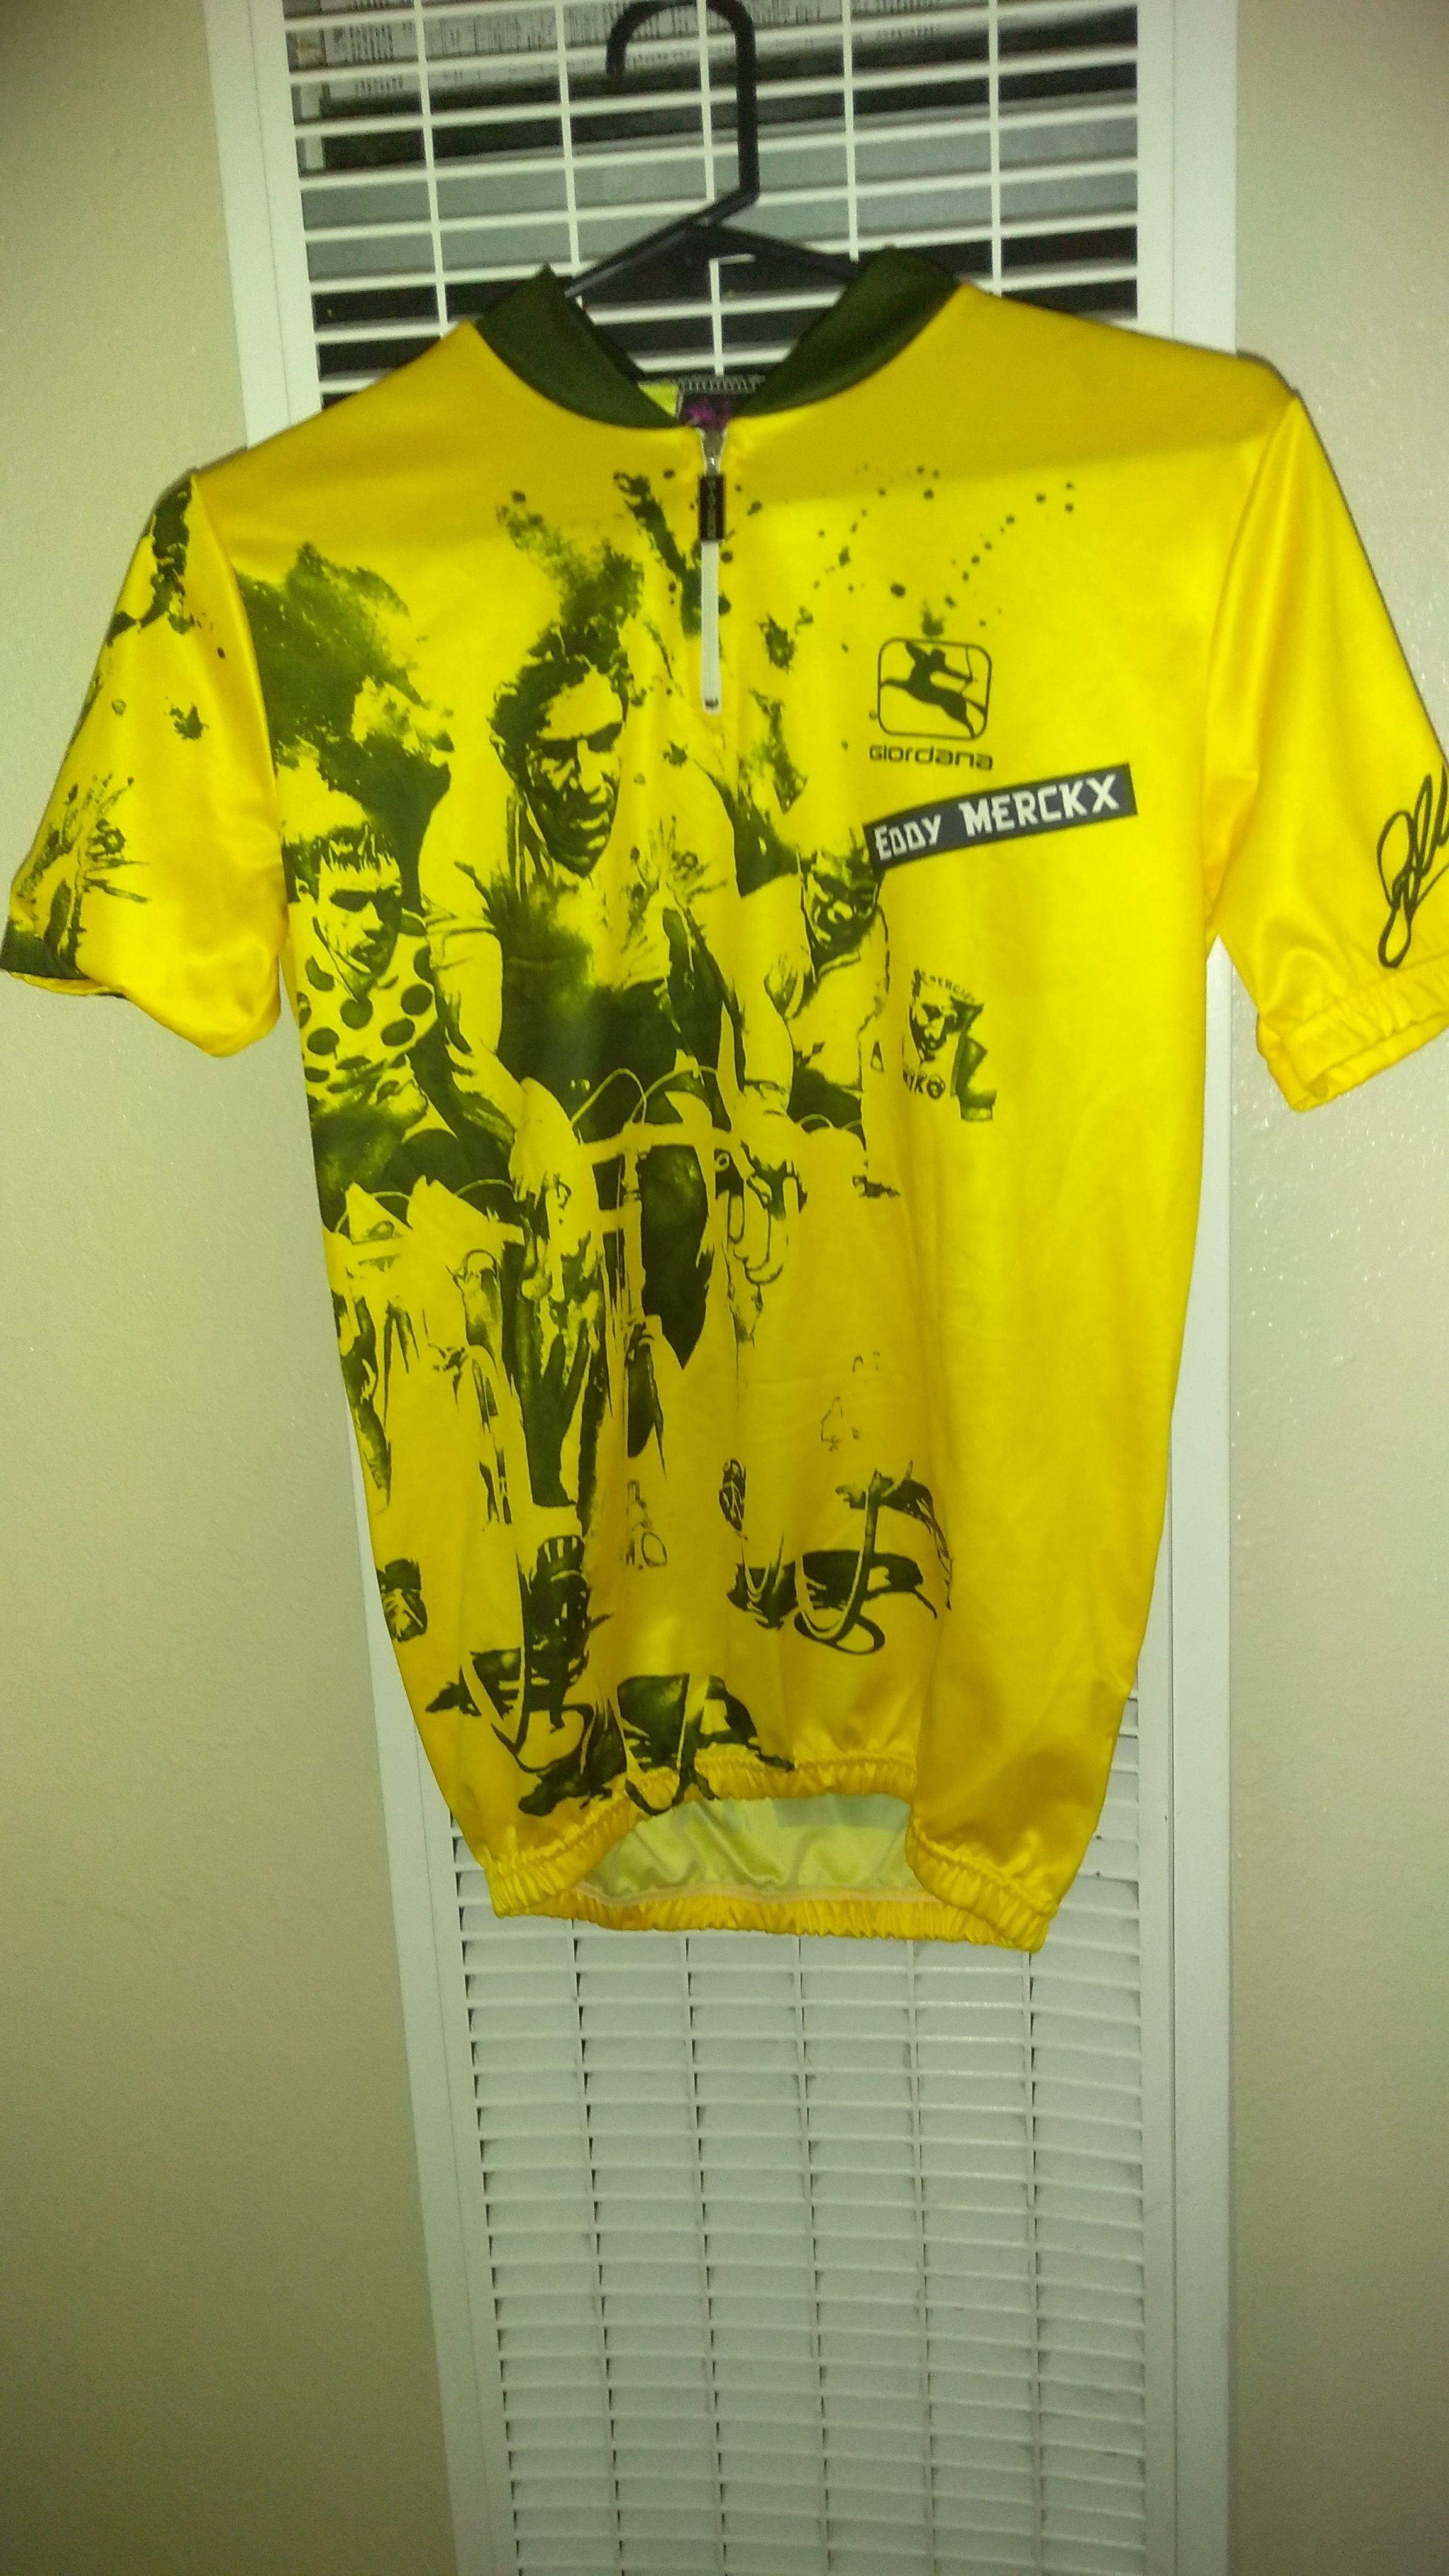 8a50eb481 Pin by Edgar Solares on Eddy Merckx